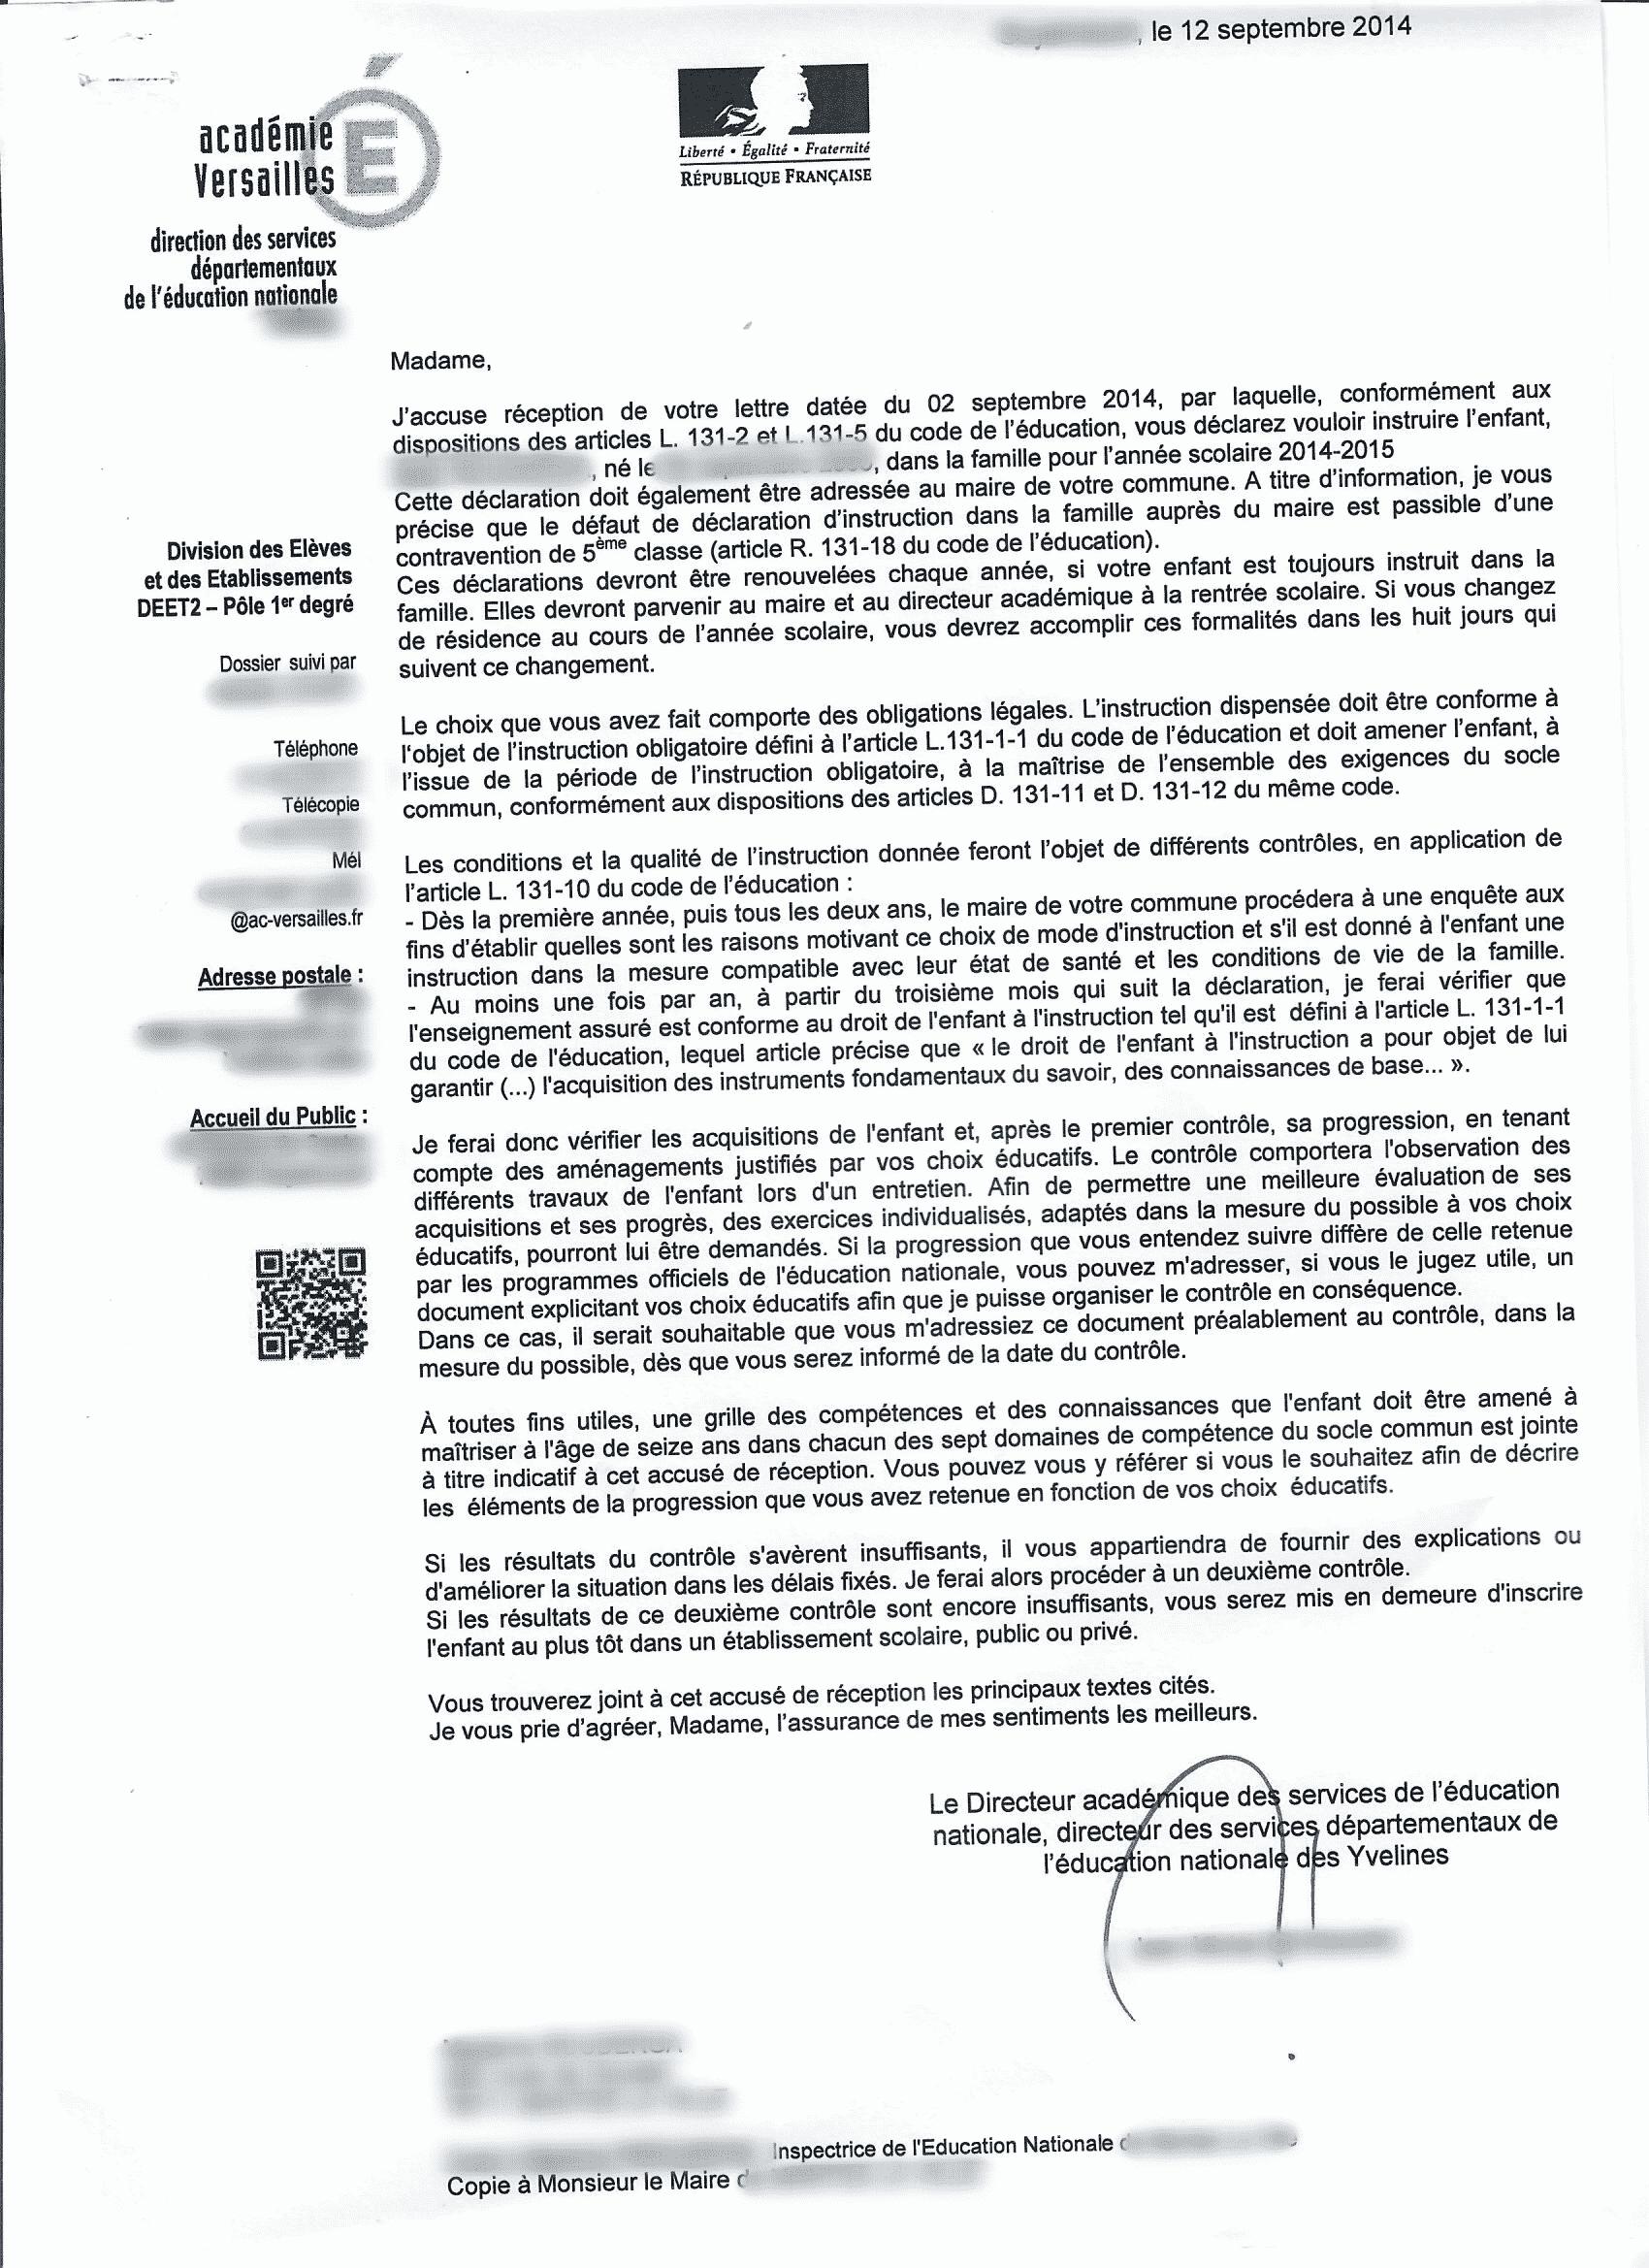 attestation inspection académique de déclaration IEF 2014